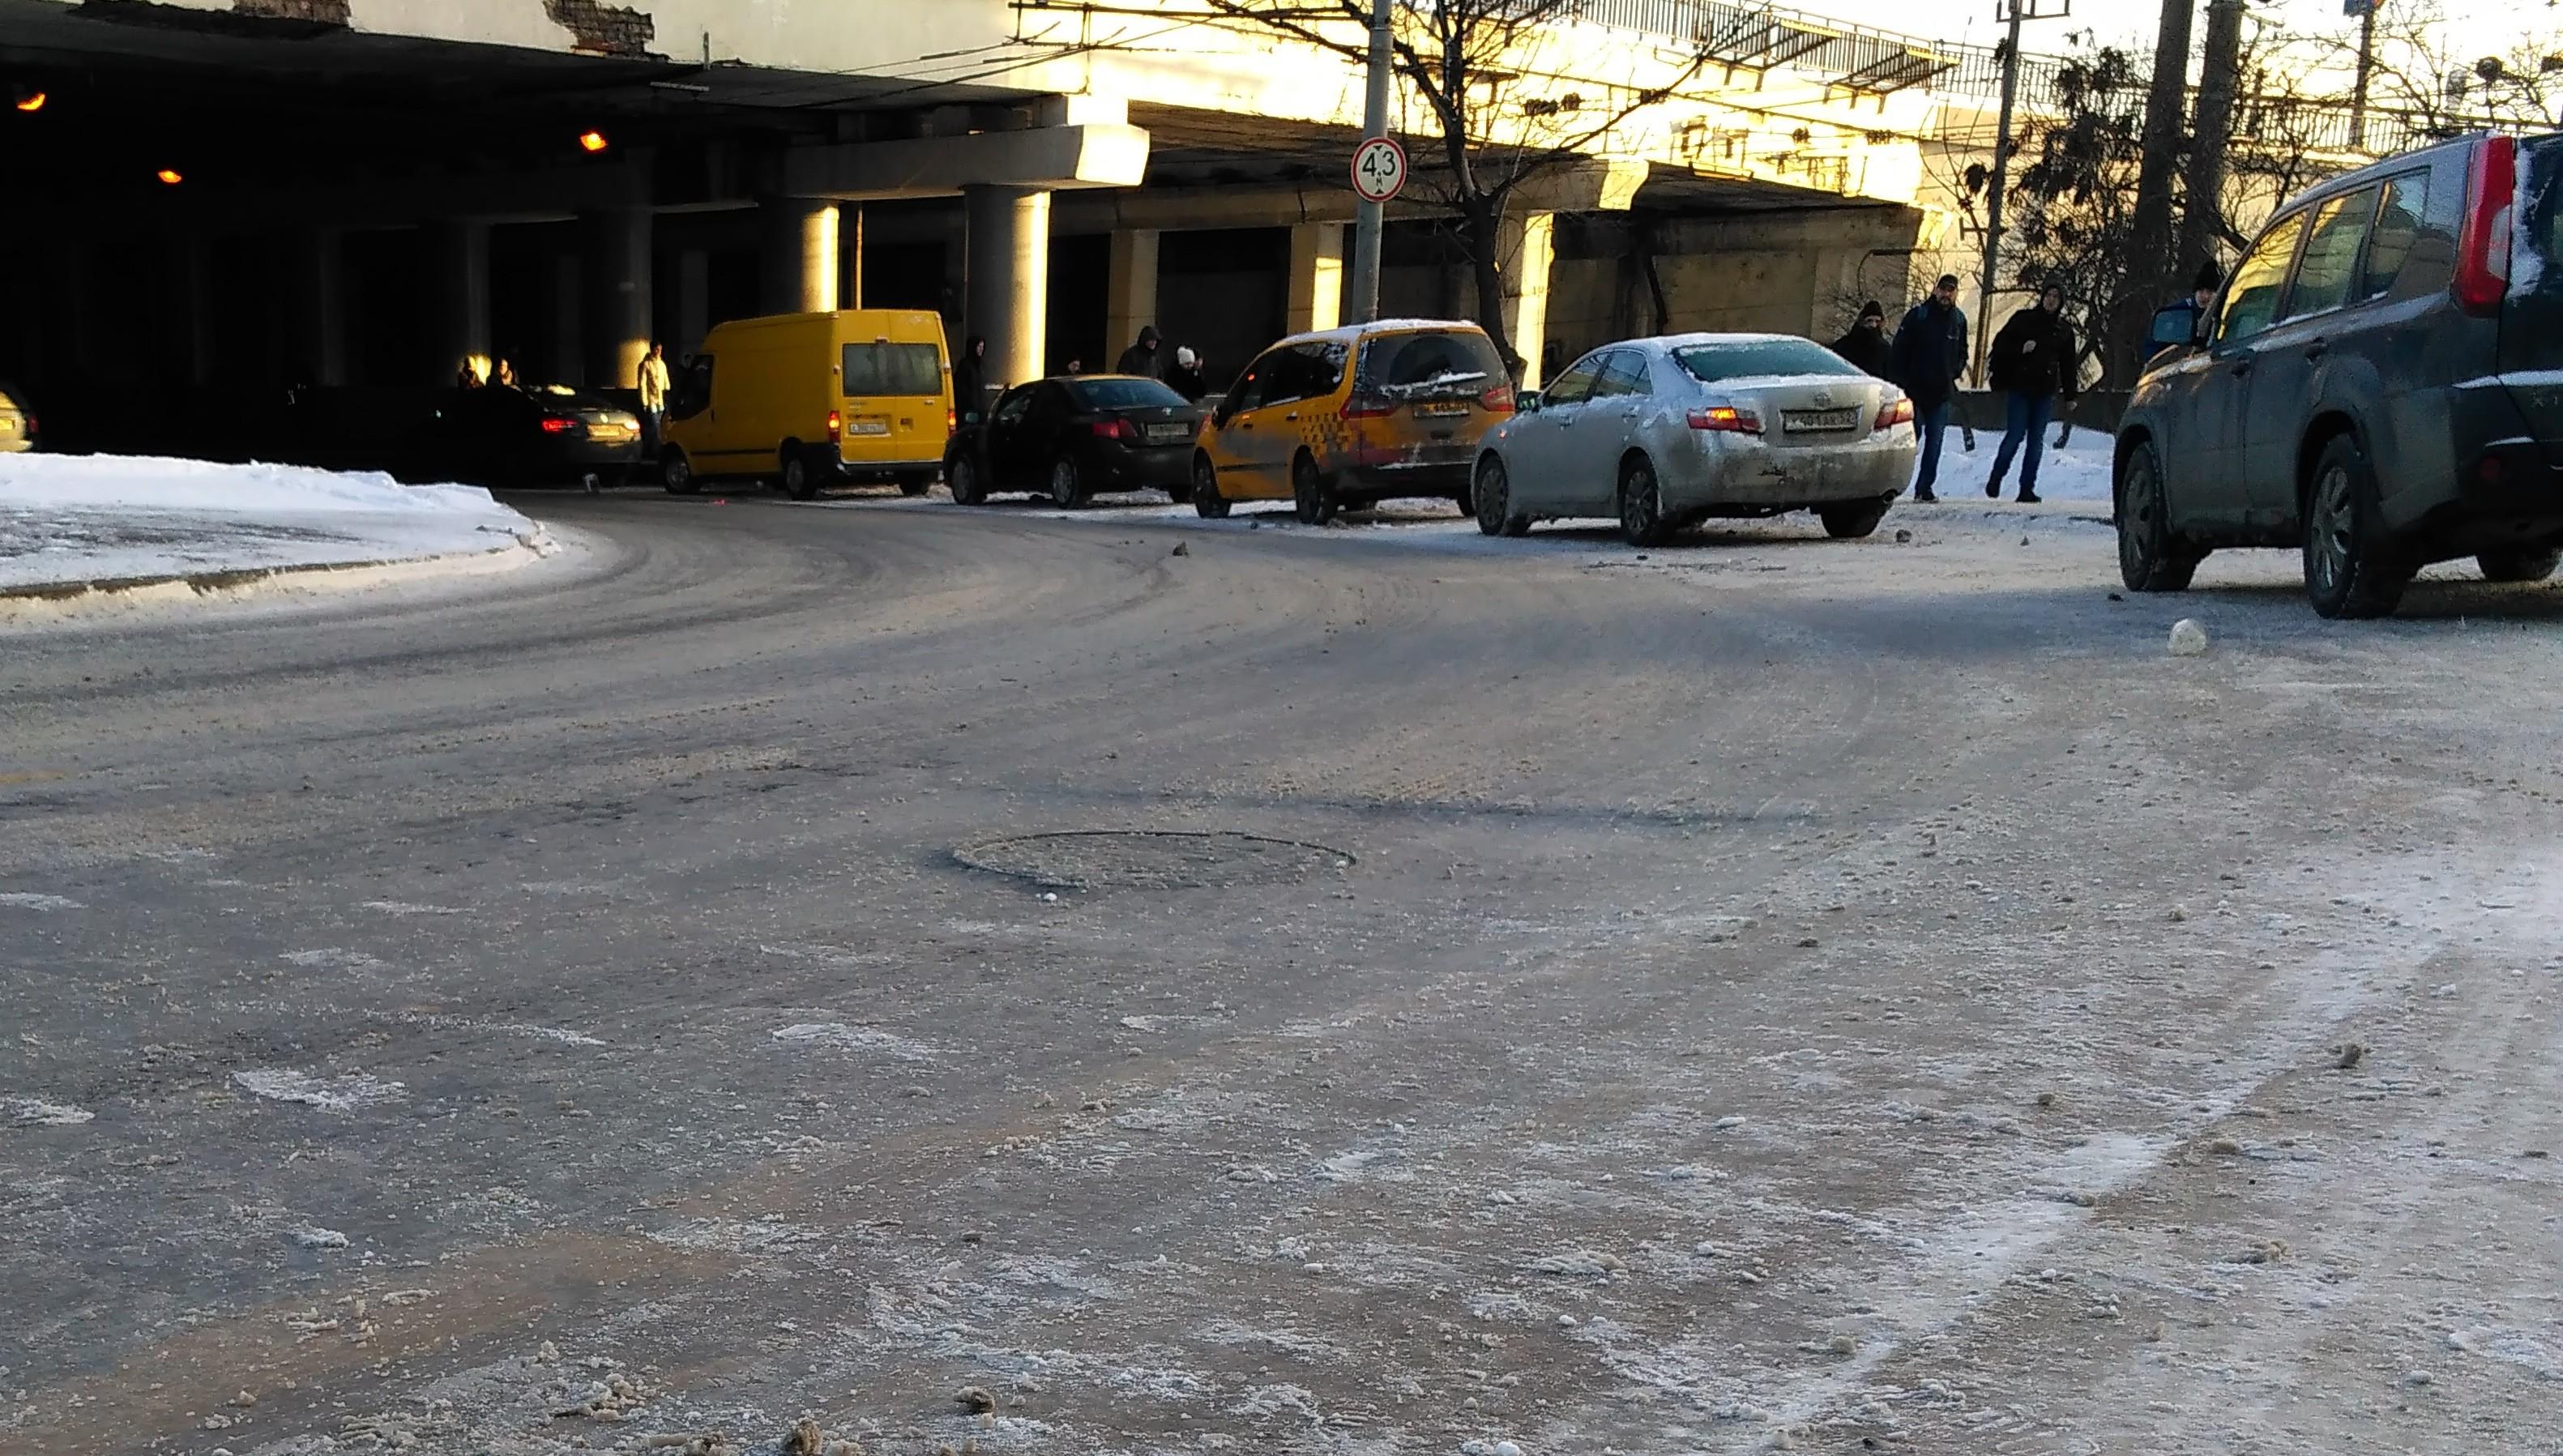 <p>Массовая авария с участием 7 машин на Новослободской улице. Фото: L!FE</p>